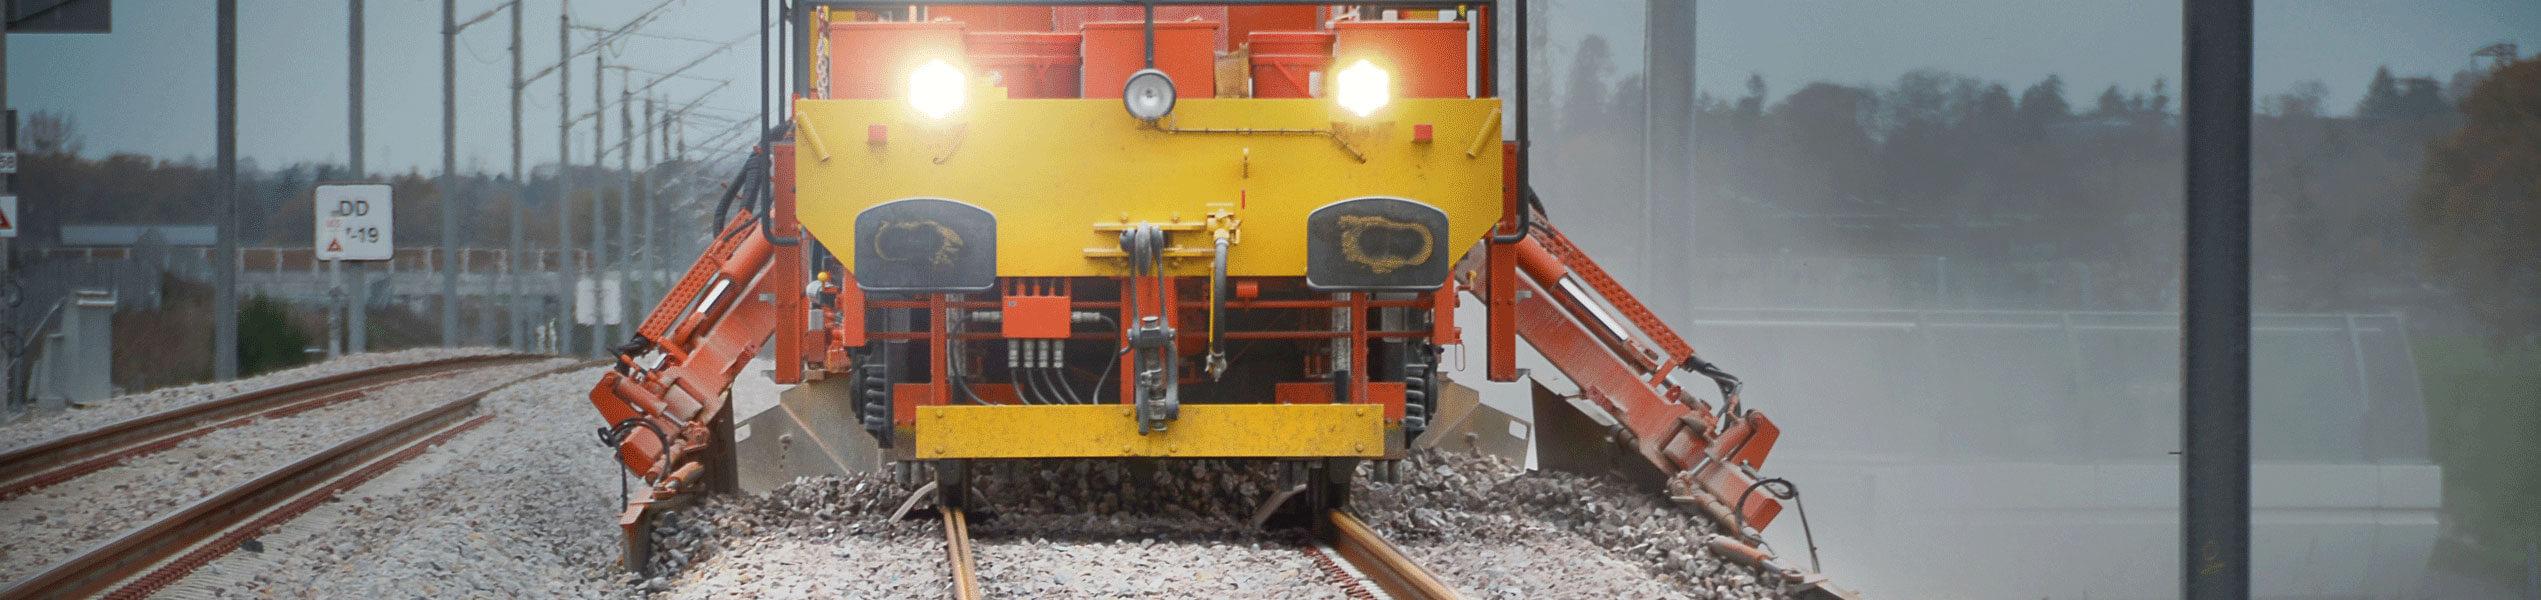 matisa_r24_colas_rail